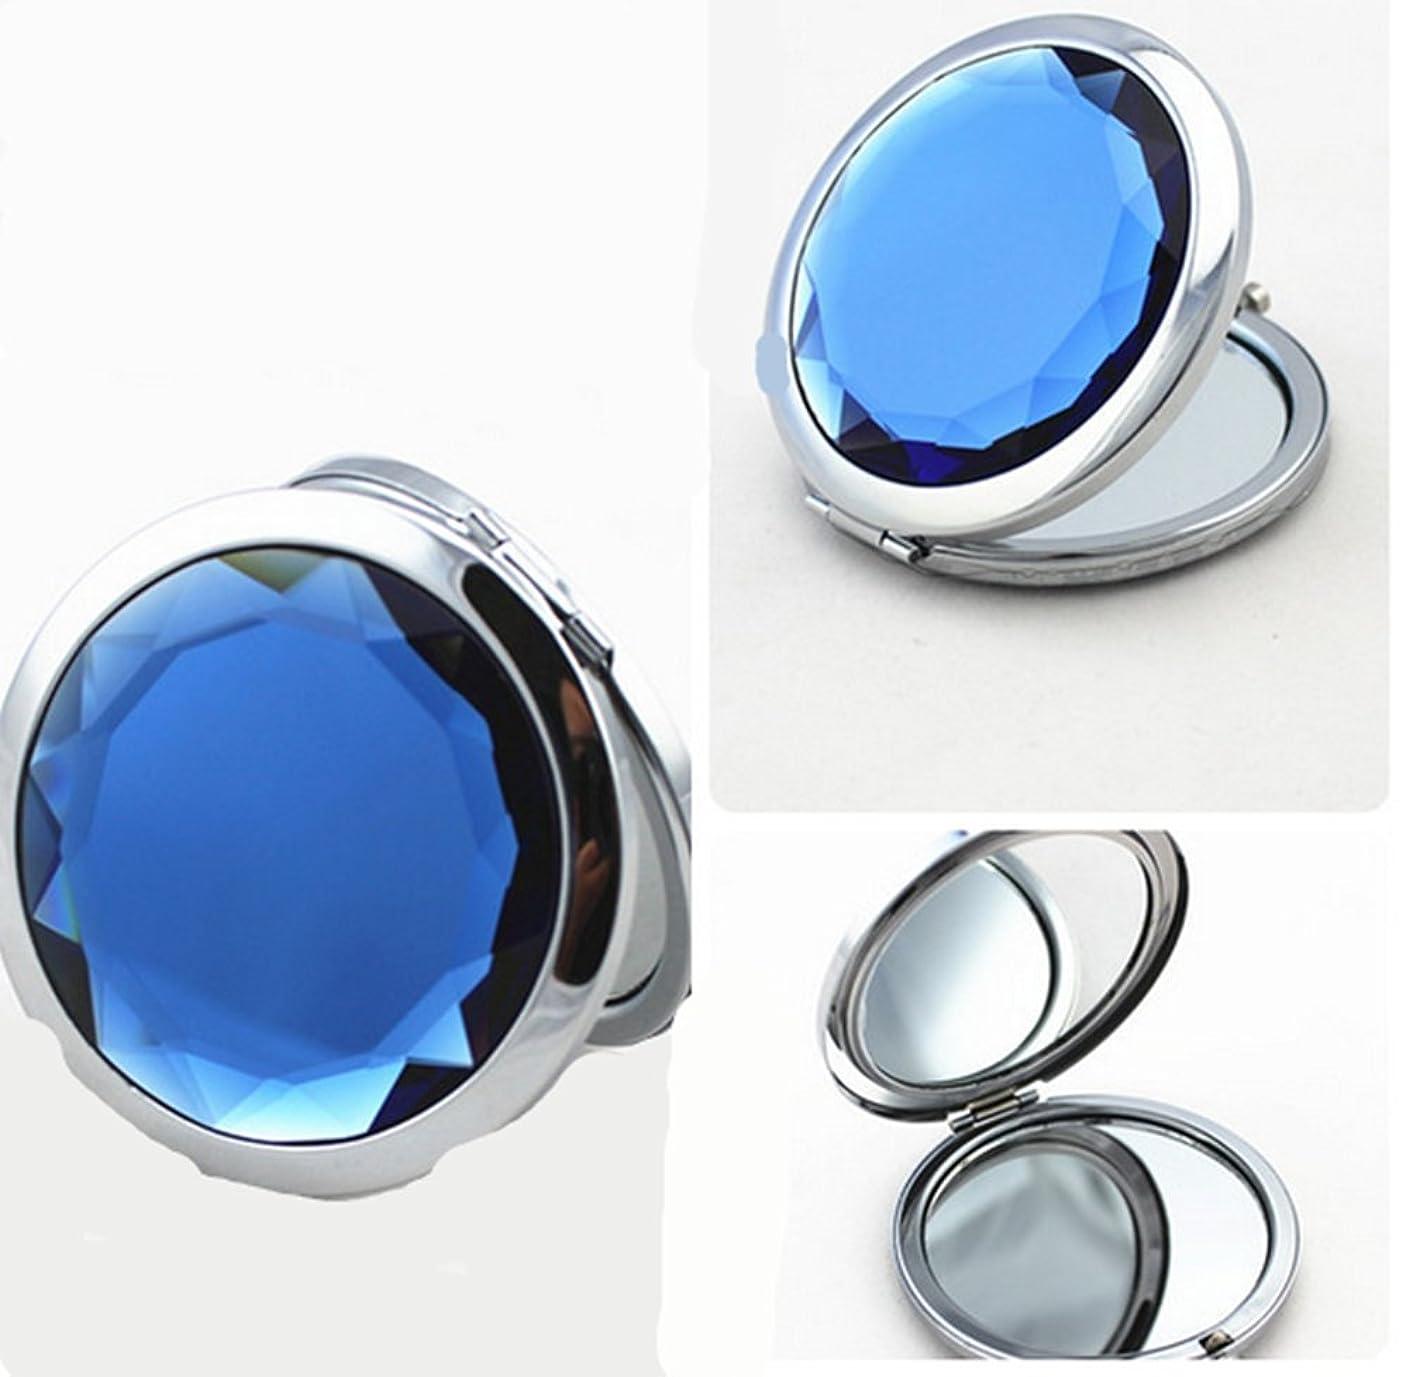 促す心から項目SHINA 宝石飾りのコンパクトミラー クリスタル調化粧鏡拡大鏡付き 丸型の折りたたみ鏡 化粧箱入りミラー 手鏡 おしゃれの小物 (mirror-1-C)